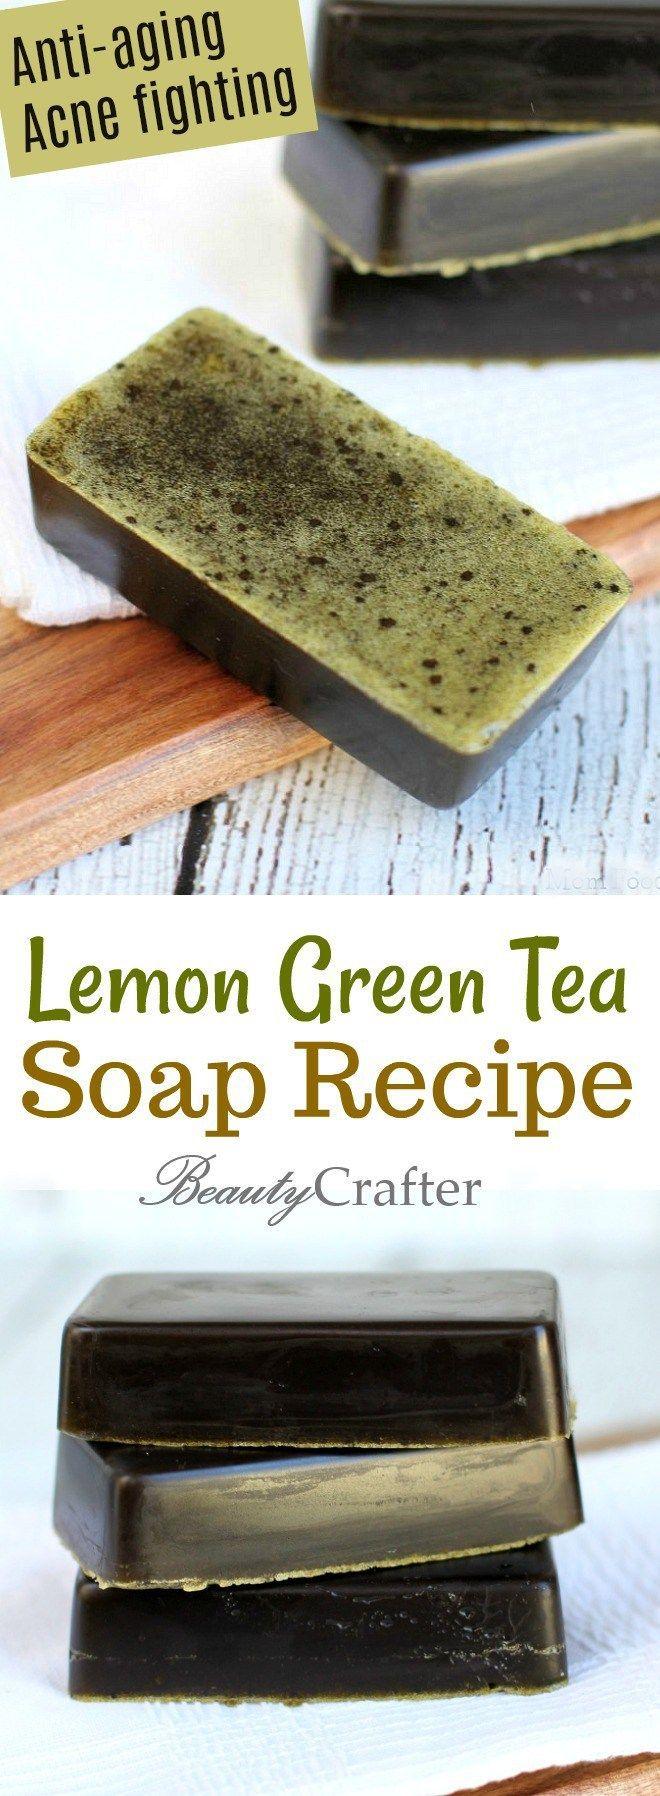 Lemon Green Tea Soap Recipe DIY , antiaging and acne